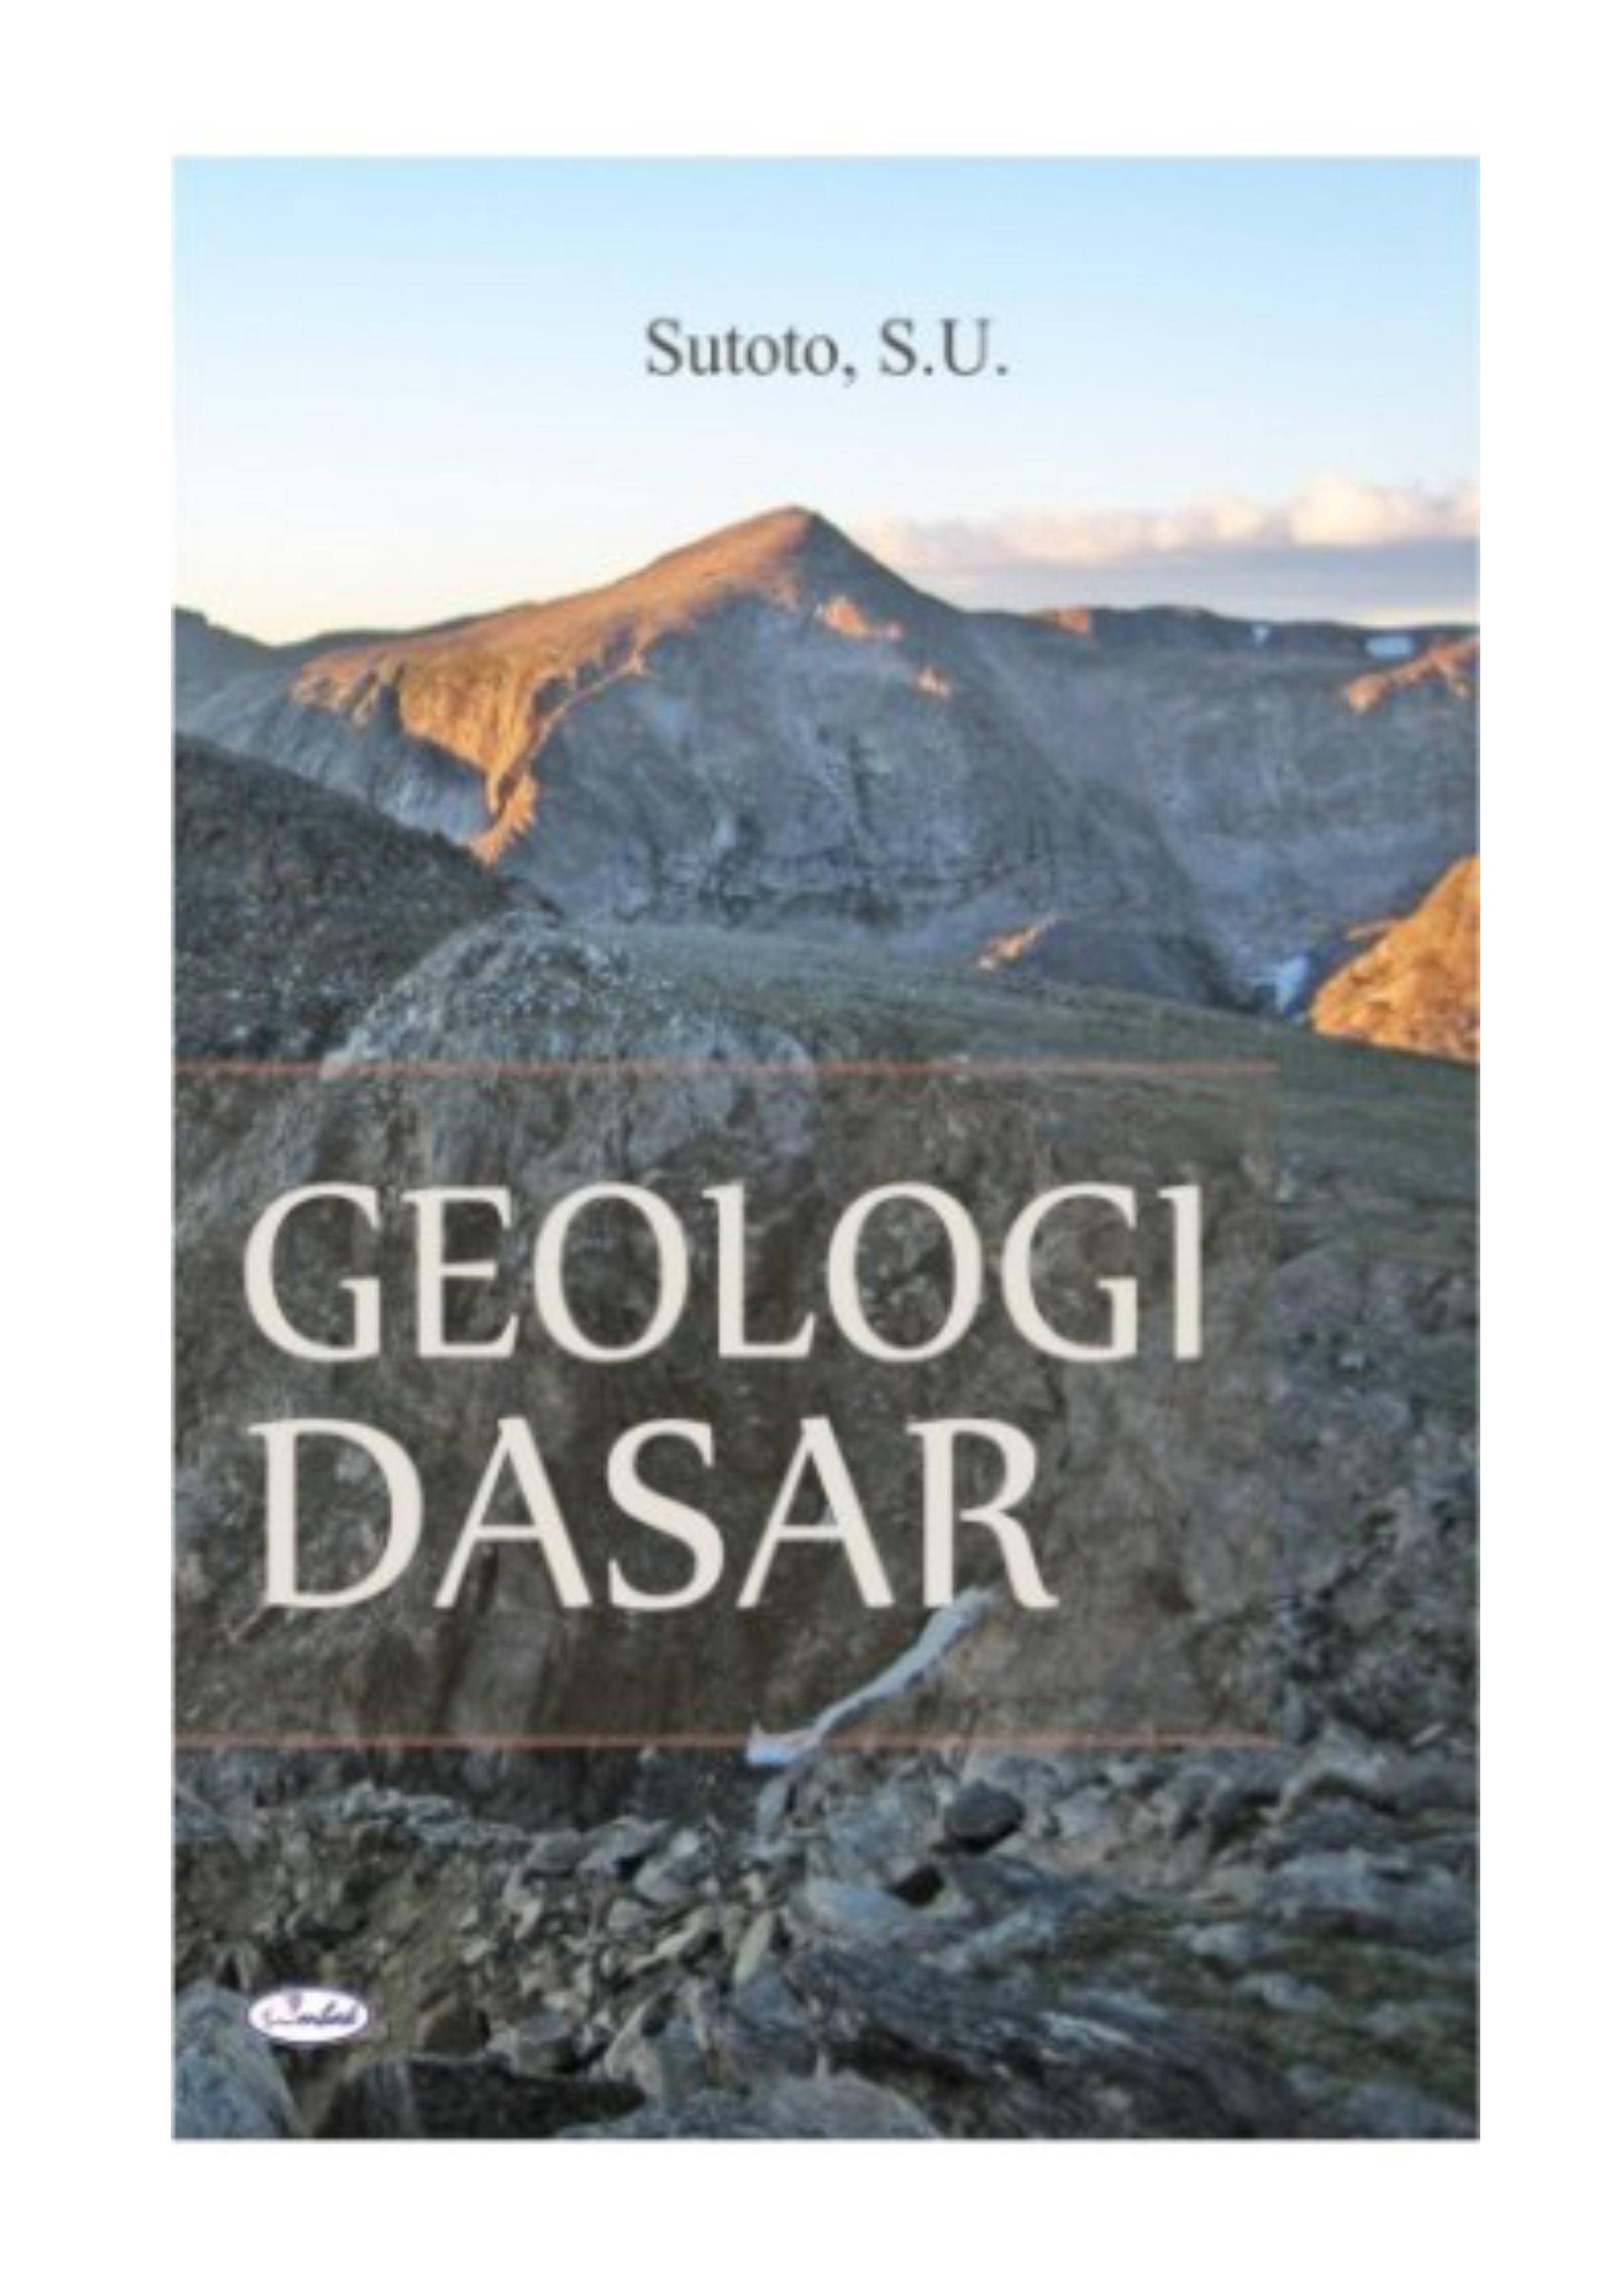 GEOLOGI DASAR